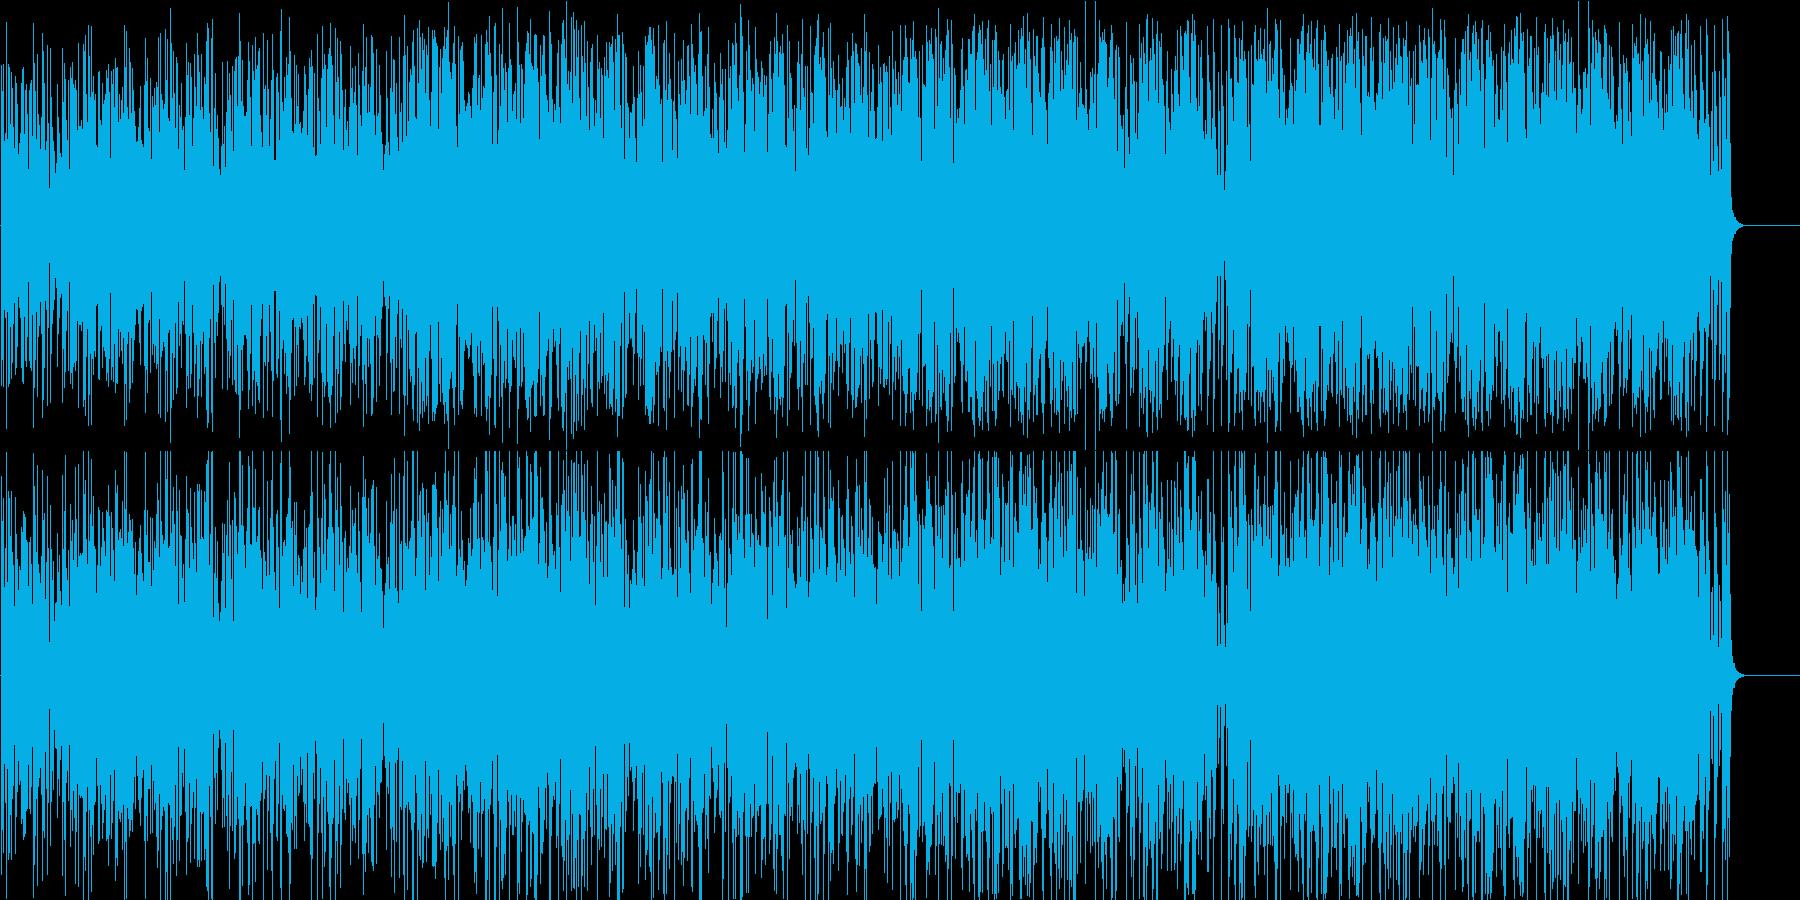 ファンク ワウクラビネット 流行  追跡の再生済みの波形